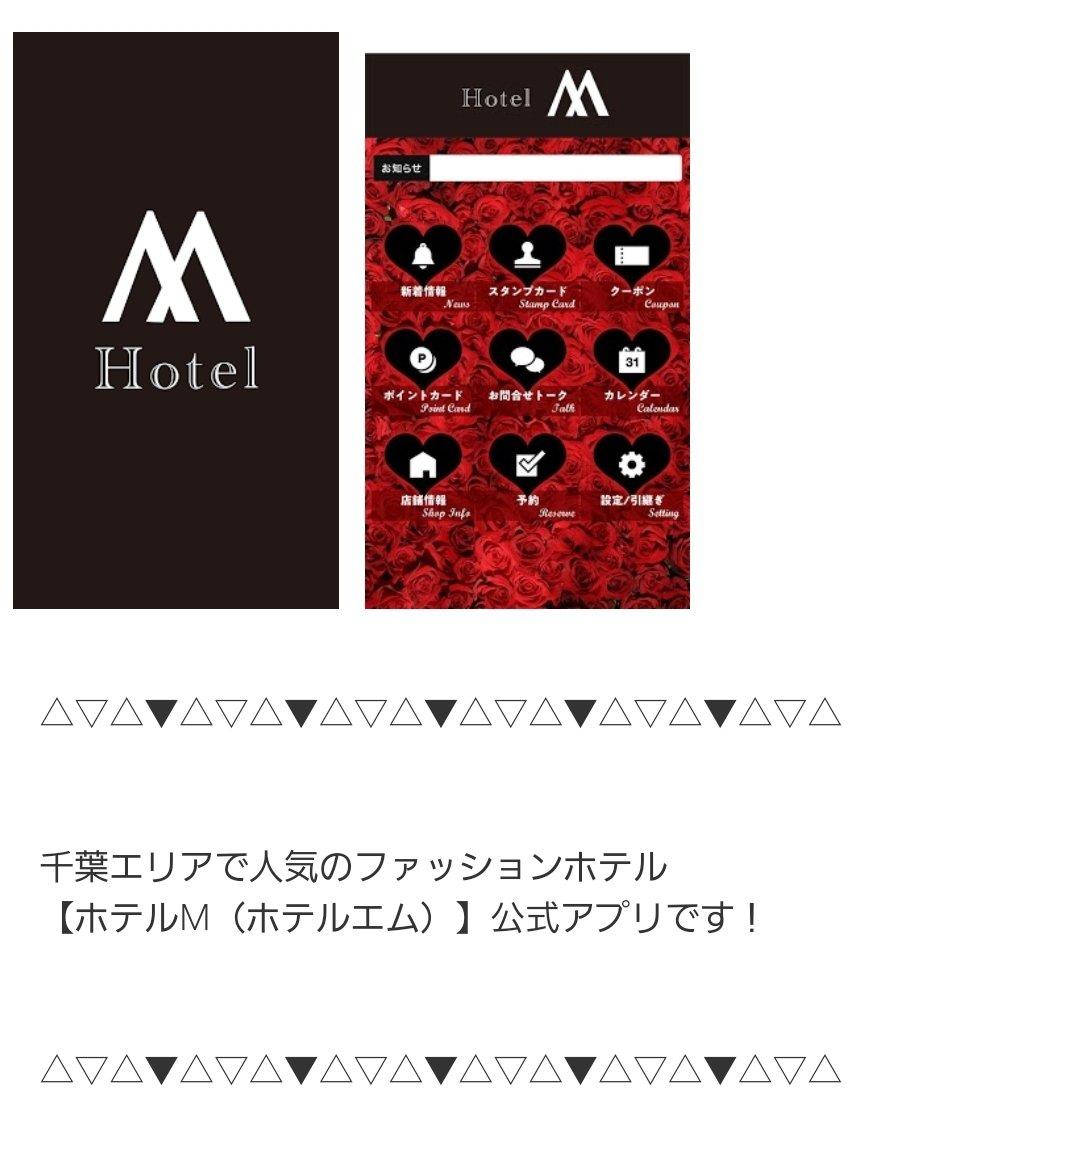 ⭐空室情報⭐  🥂VIPROOM🥂💕💕空室ございます💕💕まだまだ実施中の50%🈹引クーポン😍アプリからGETして下さい〜🤗今がチャンスですよ✨#穴川ラブホテル